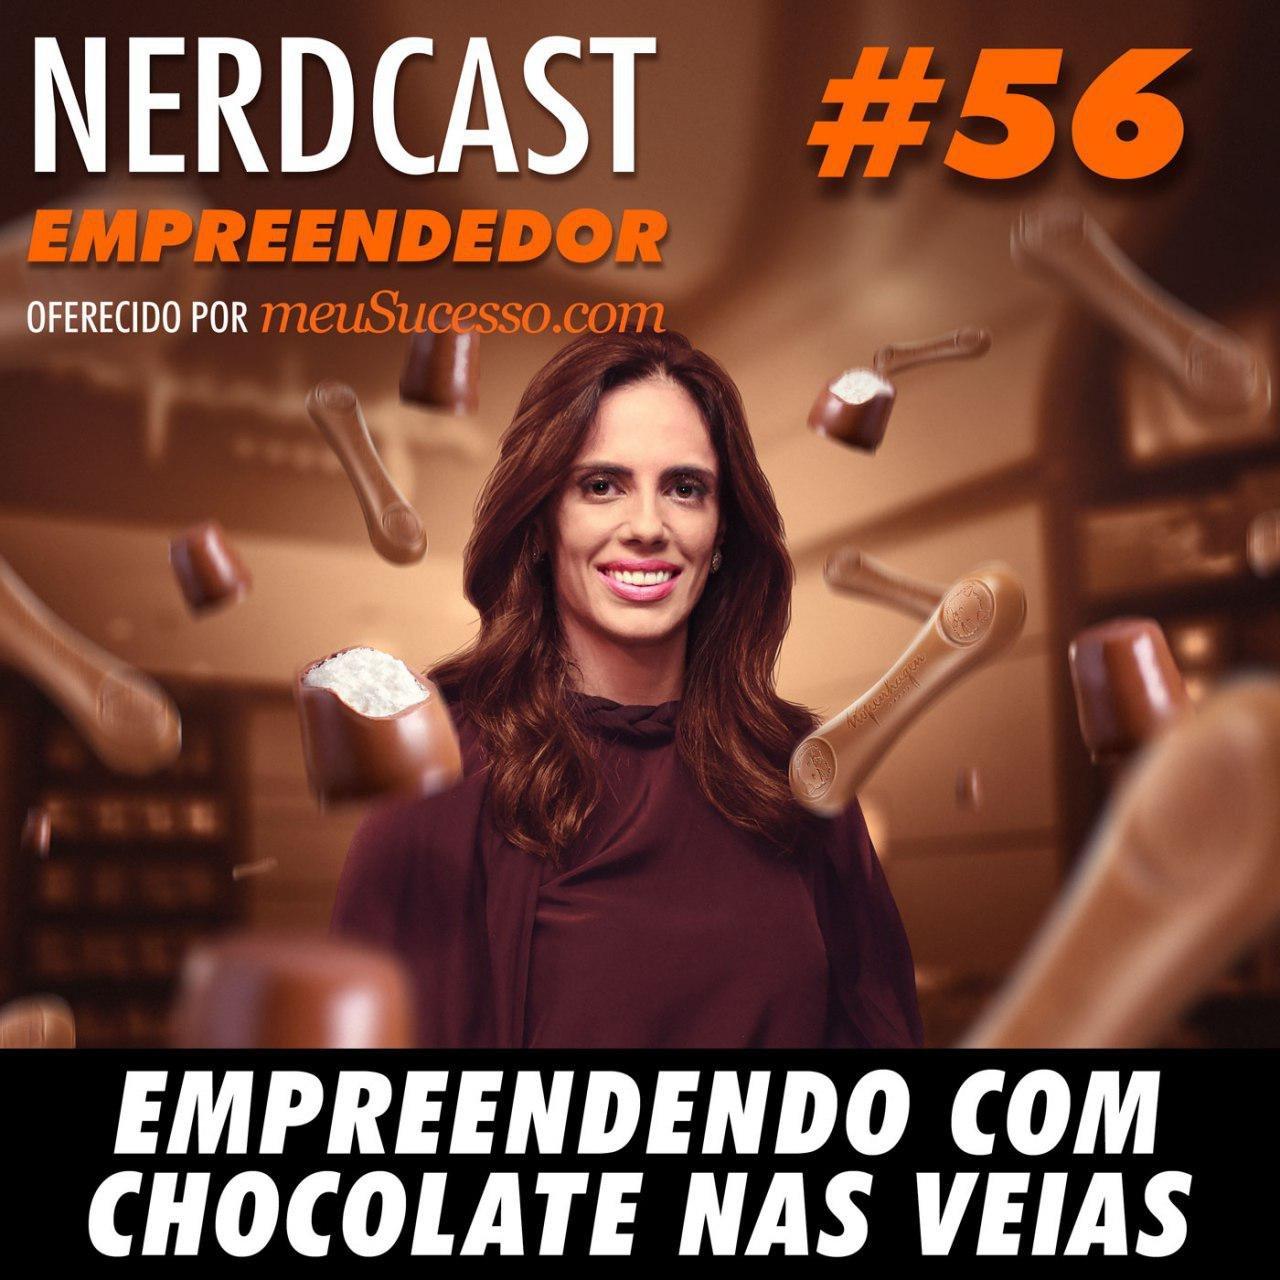 Empreendedor 56 - Empreendendo com chocolate nas veias